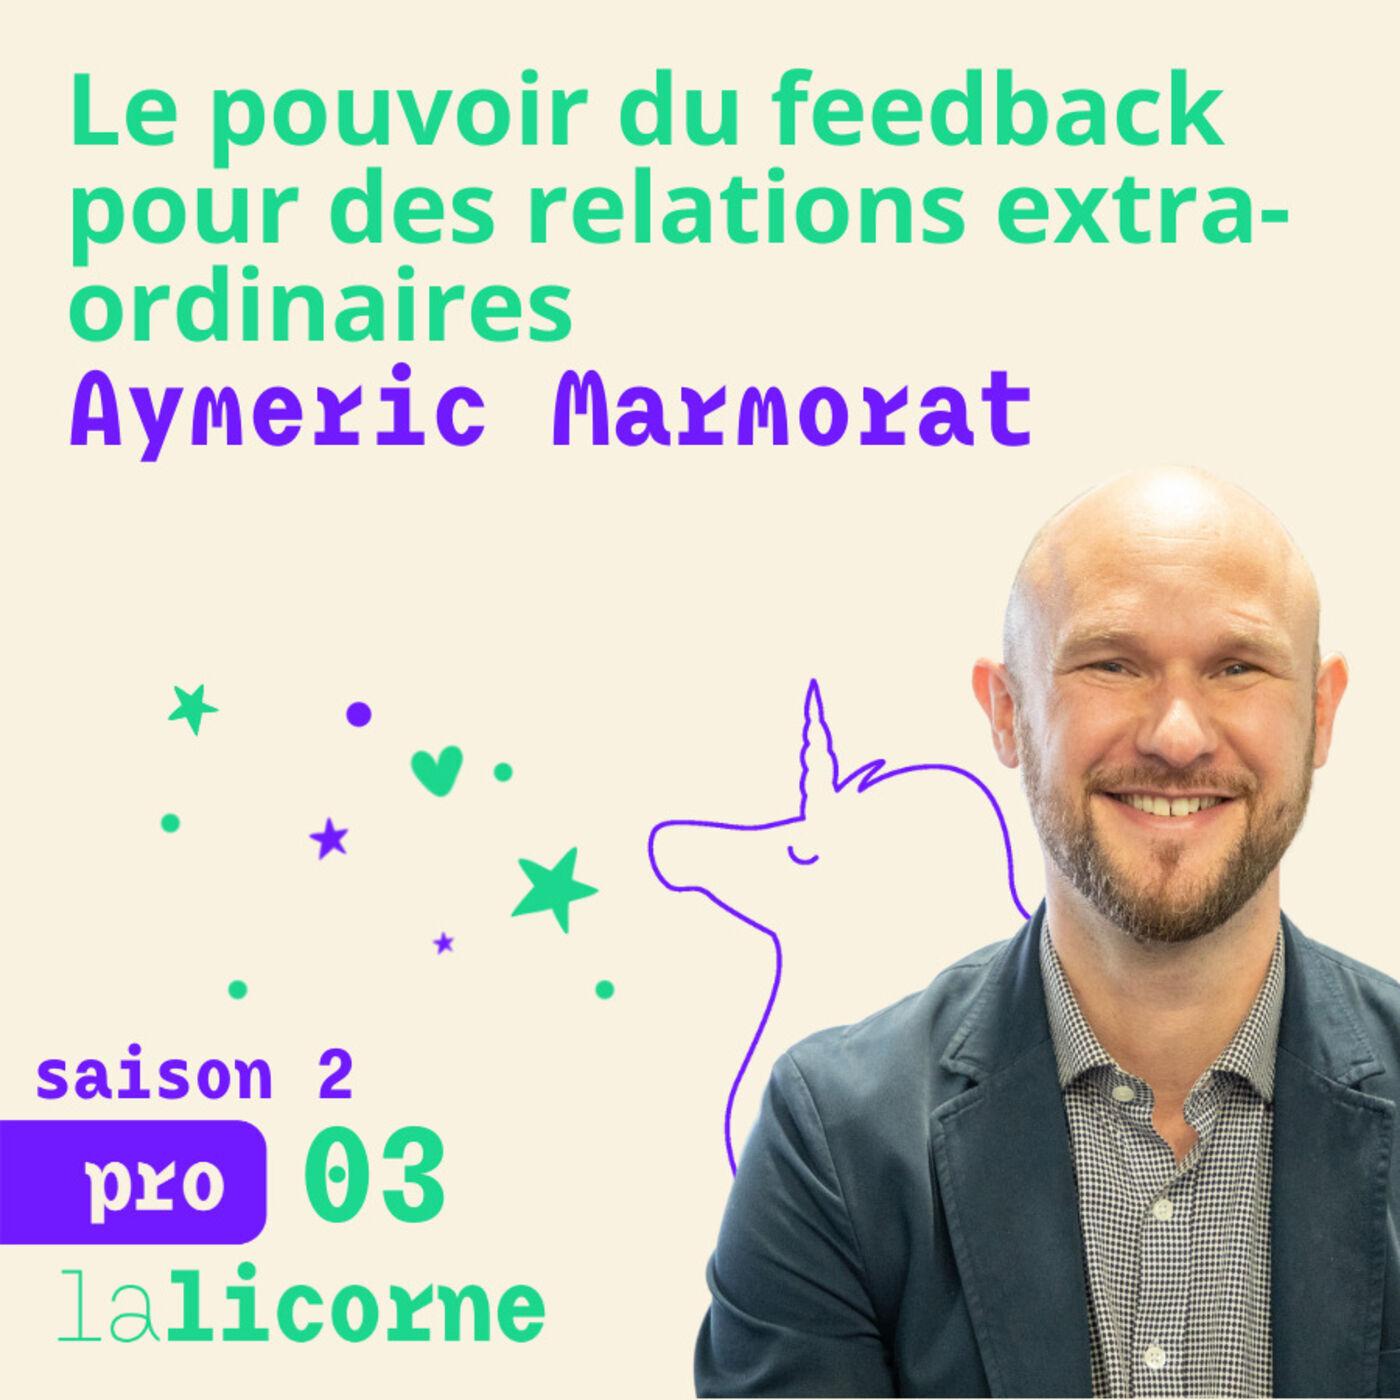 2.3 💌 Aymeric Marmorat - Le pouvoir du feedback pour des relations extra-ordinaires